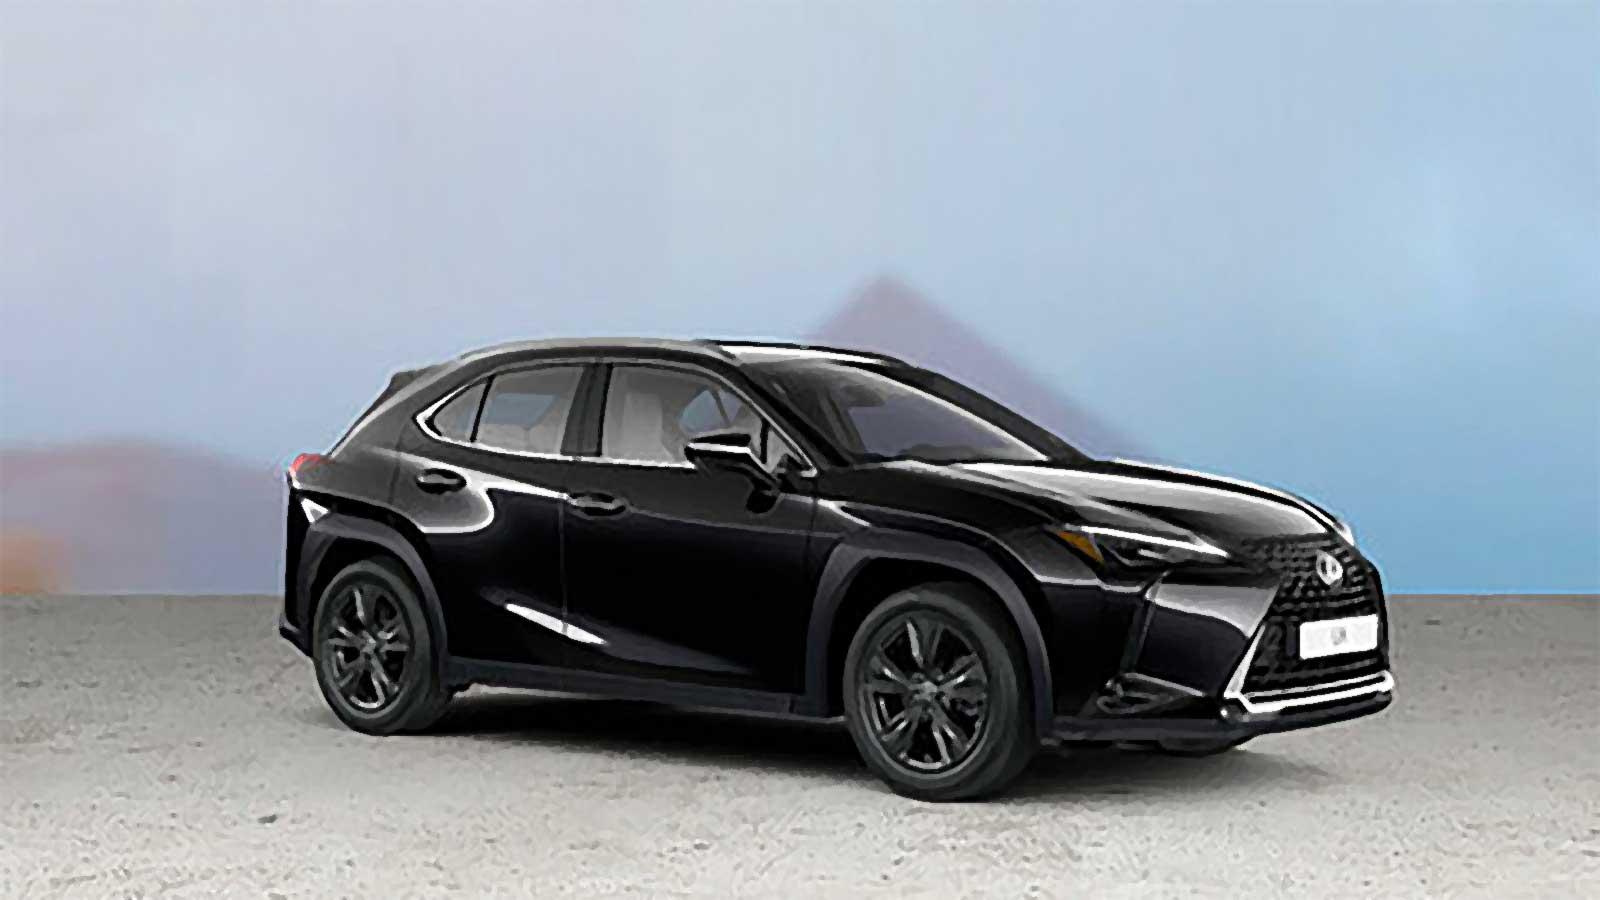 Lexus UX 200 FWD Launch Edition